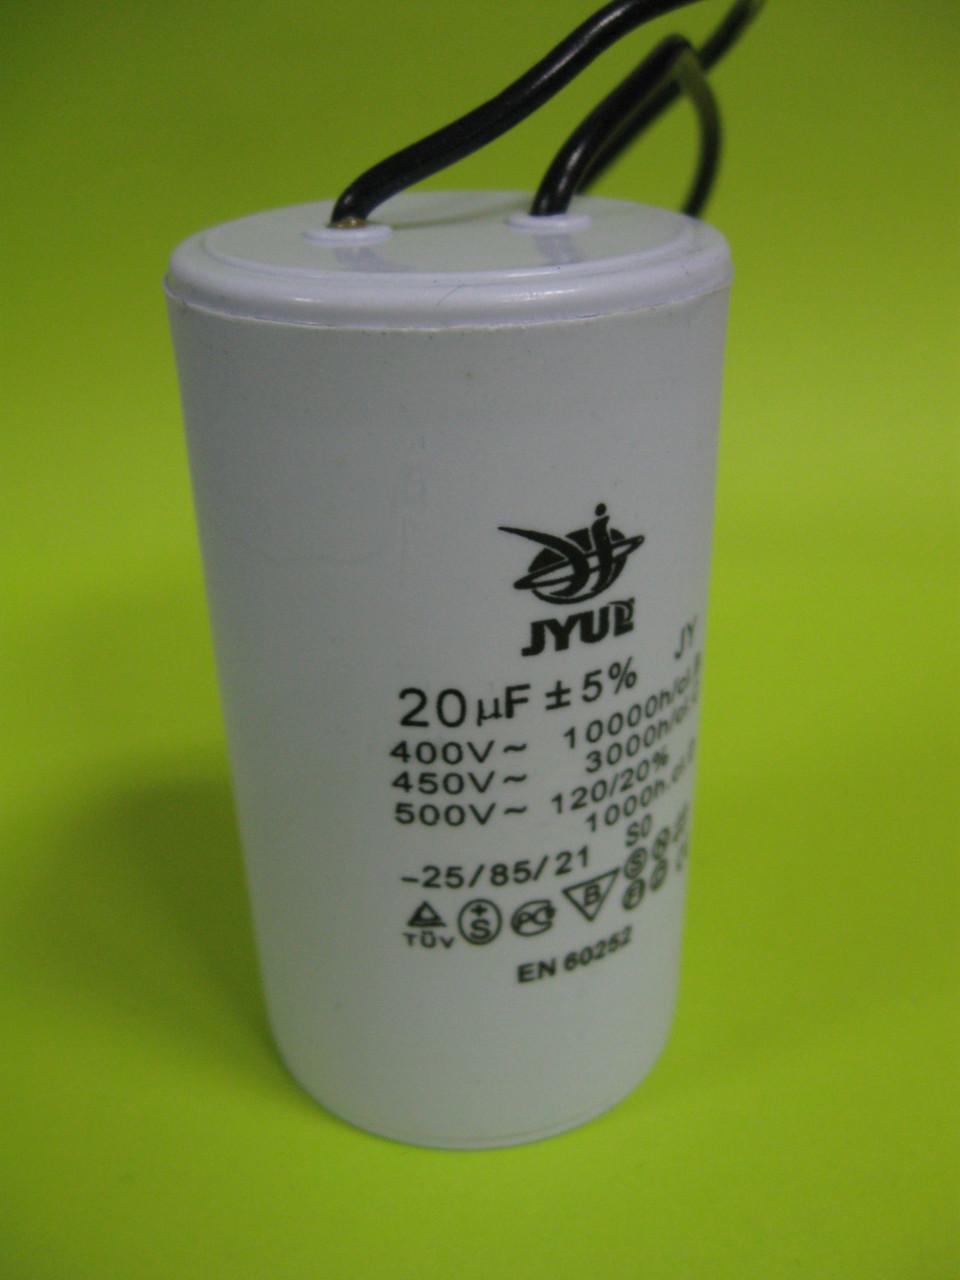 Конденсатор робочий, пусковий CBB-60 20uF 450VAC 40*70 Гнучкі висновки JYUL